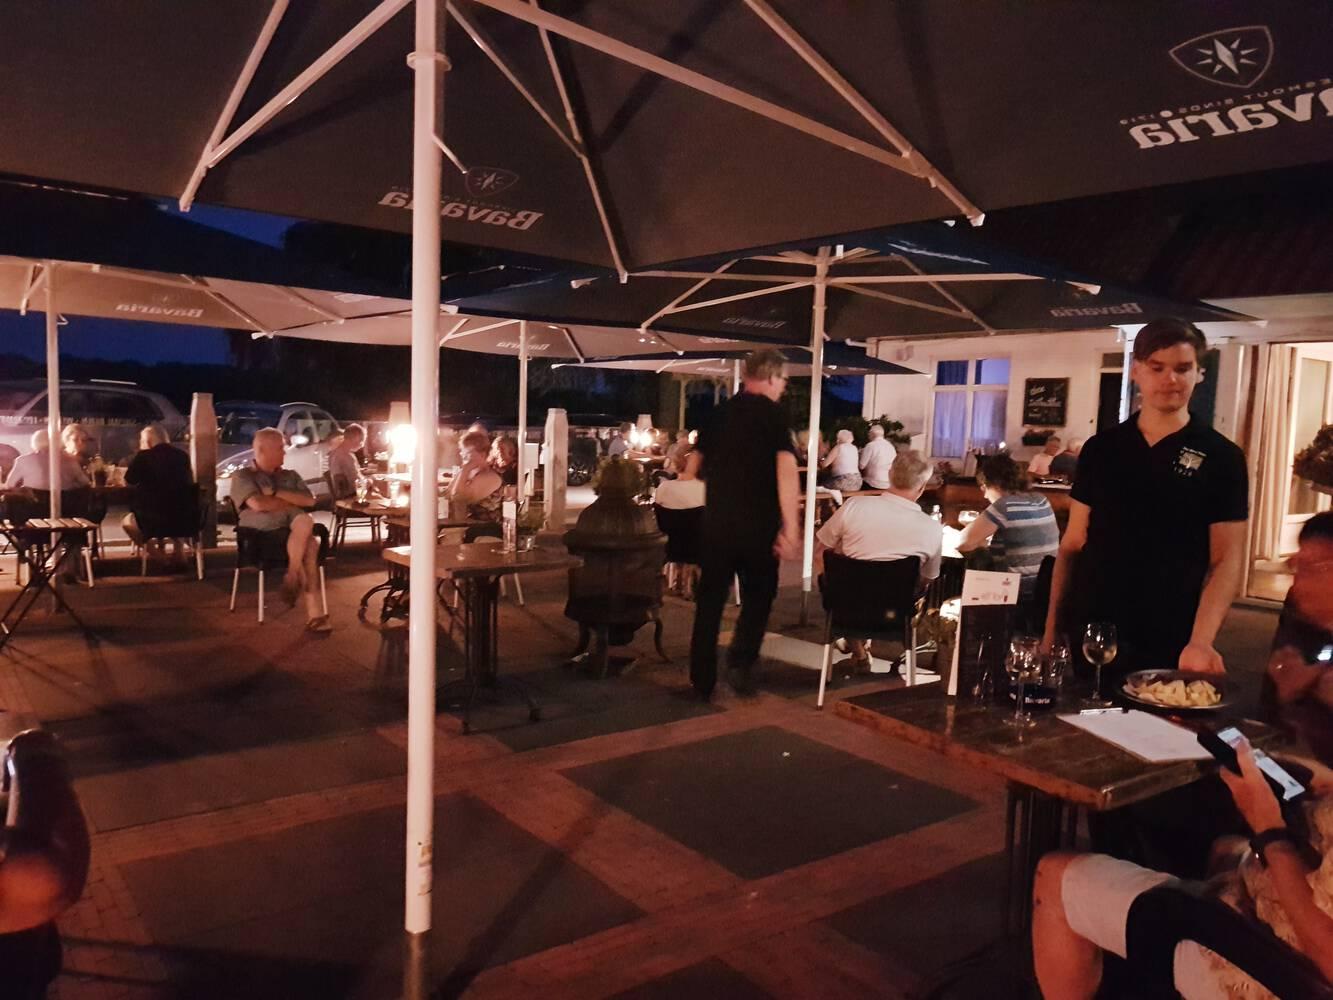 Beleef een gezellige avond met de Pub quiz van Hotel het Witte Veen